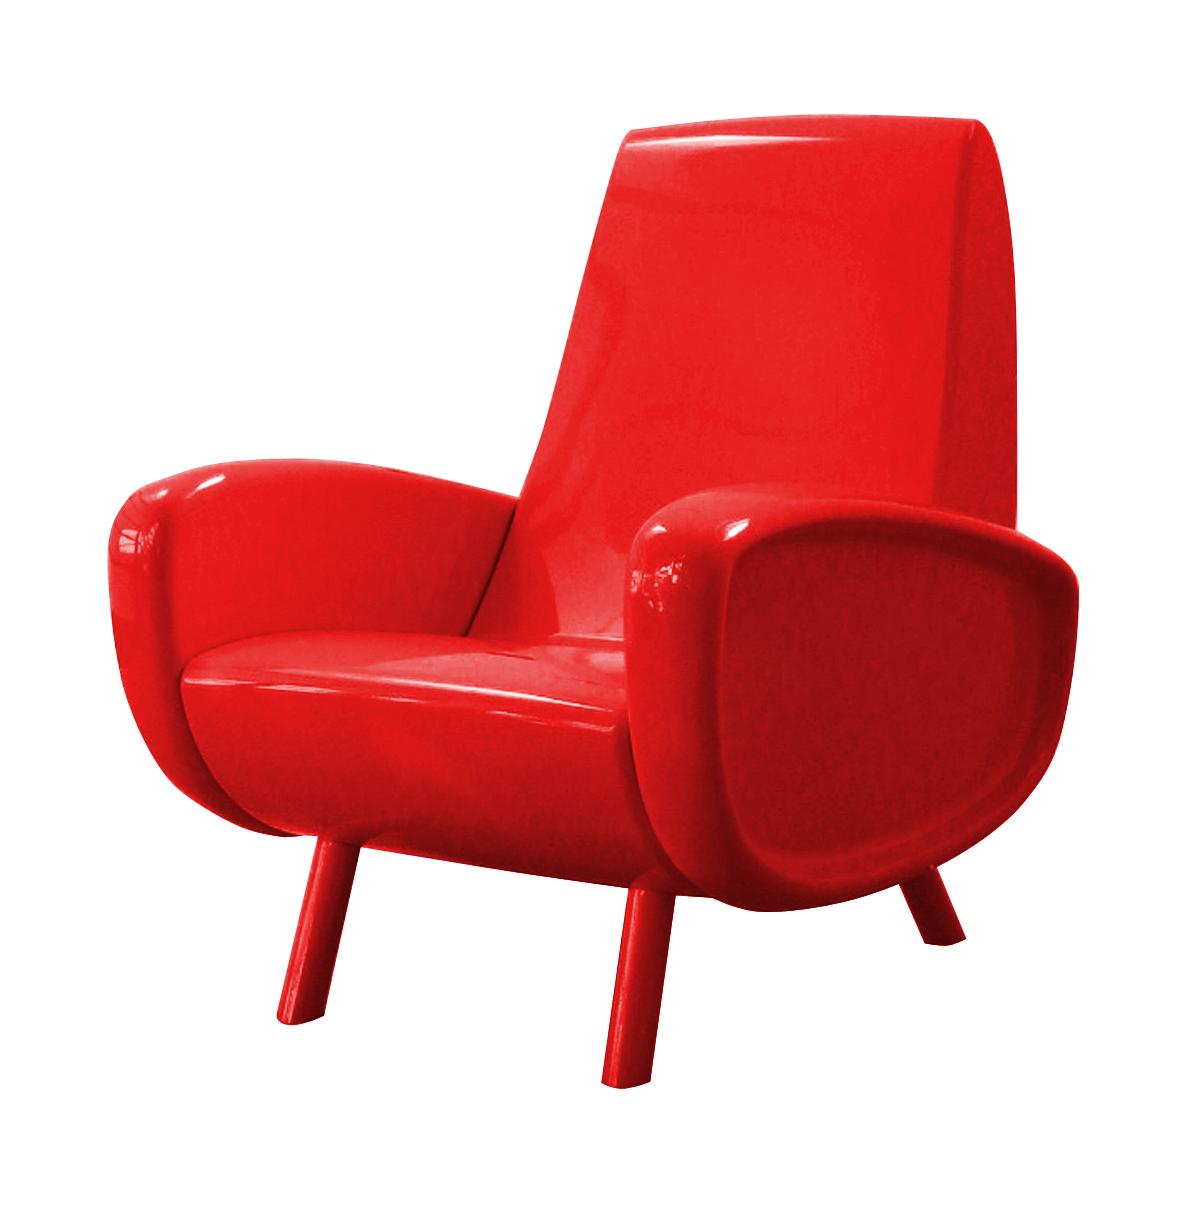 Blog bazar tendance 50 39 fauteuil enfant - Fauteuil rouge enfant ...